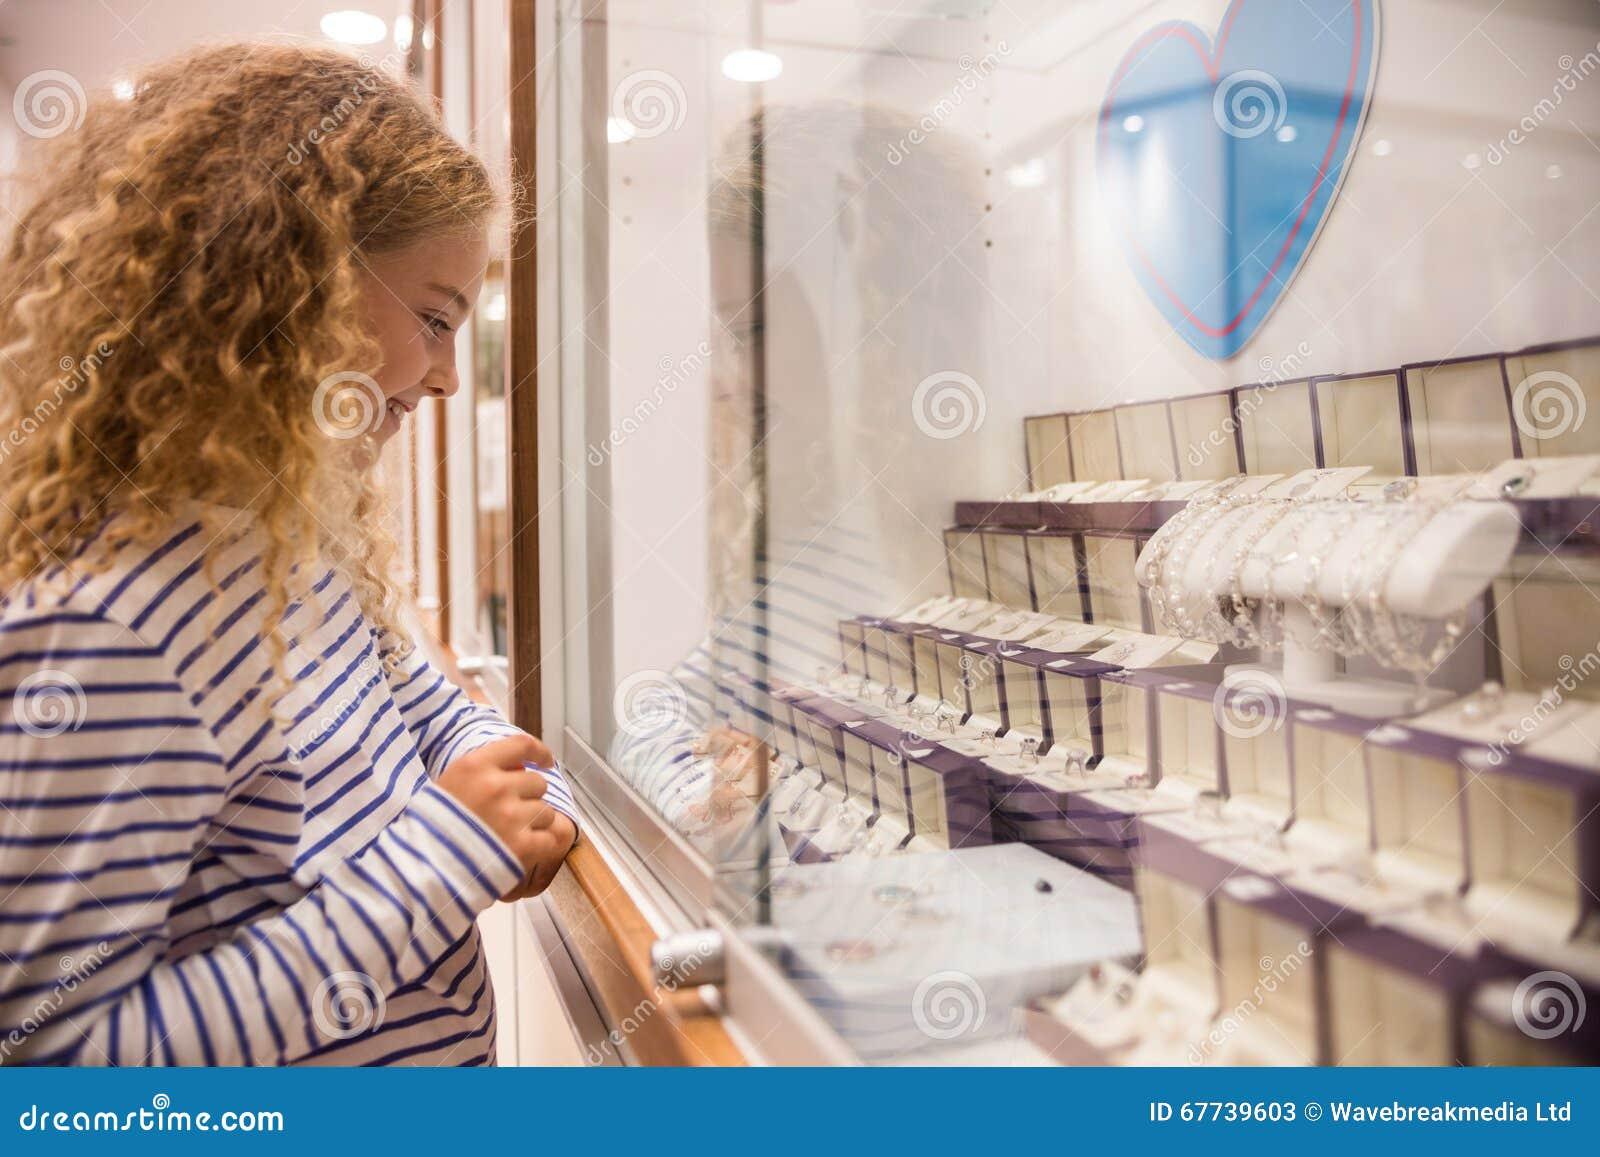 Lycklig flicka som ser smyckenskärm